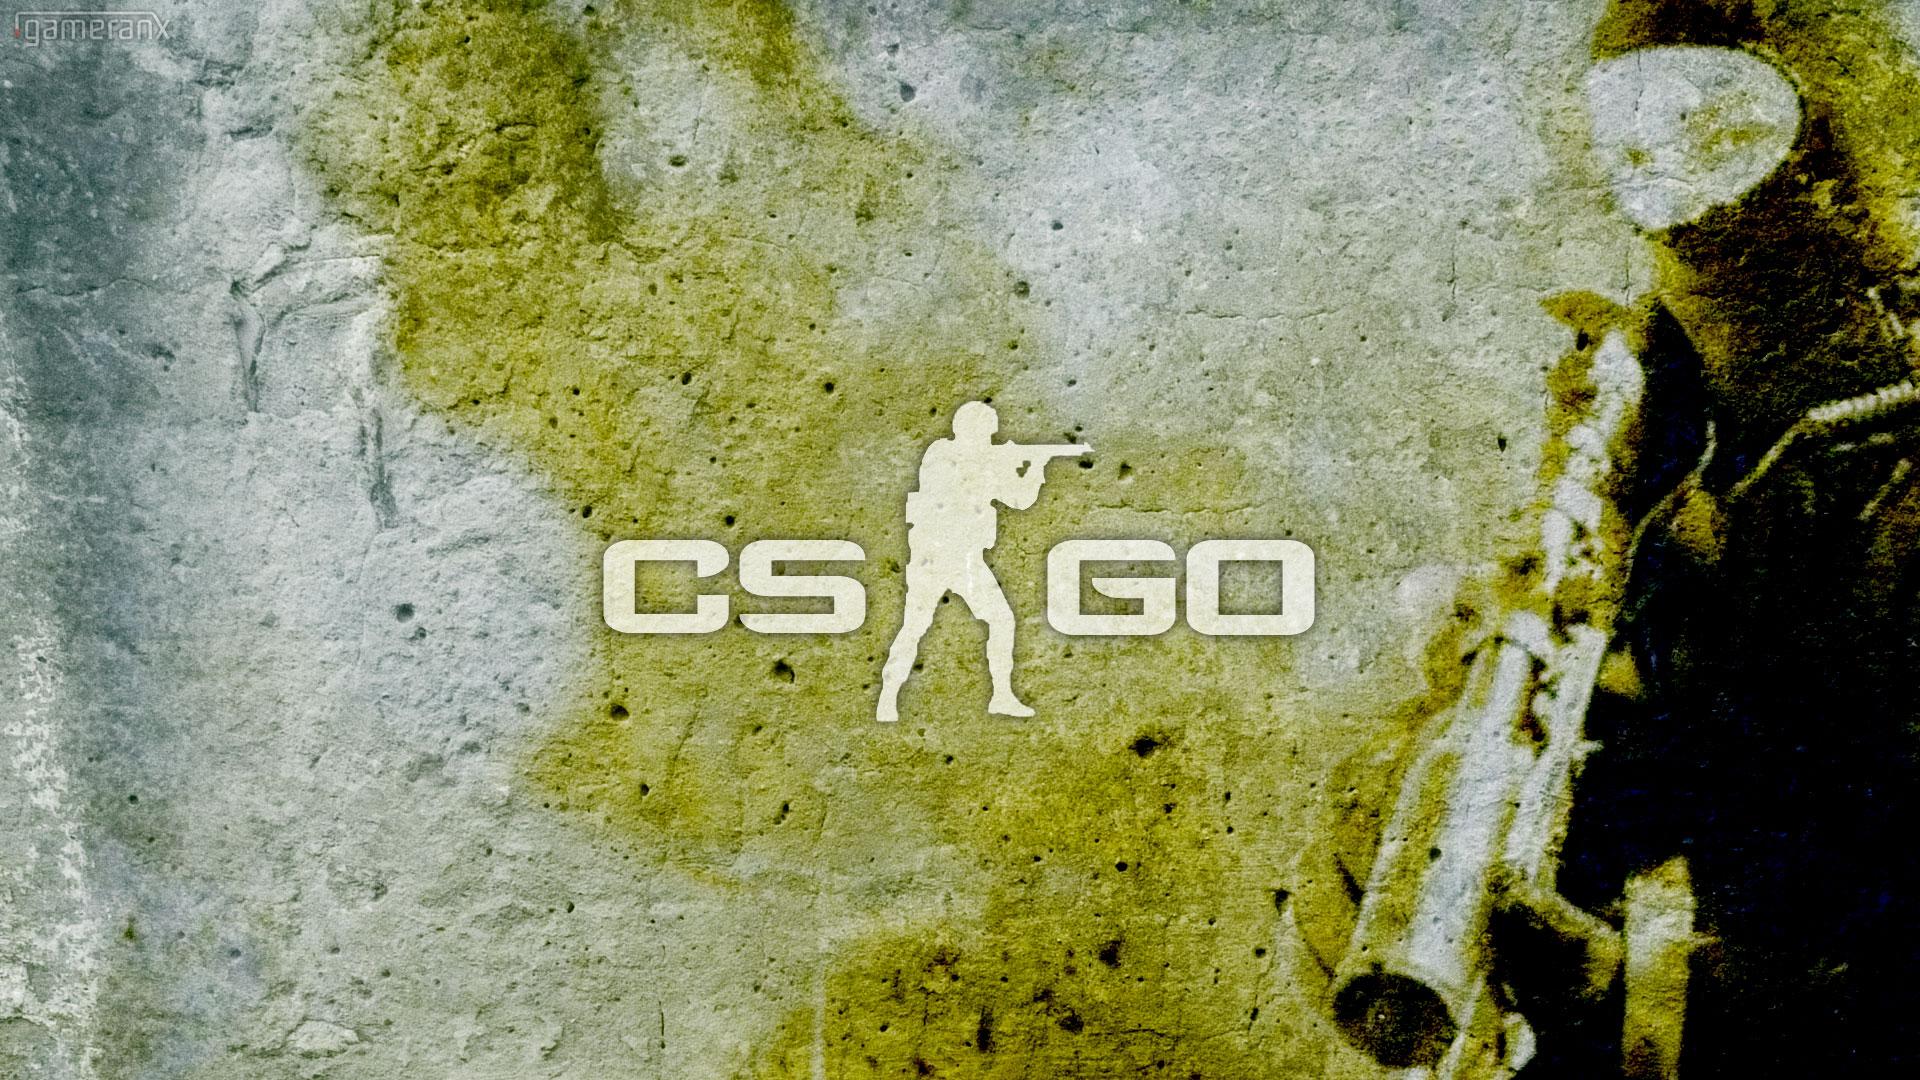 Equipo EliteGamingPro Cs-go-wallpaper-hd-1-1080p